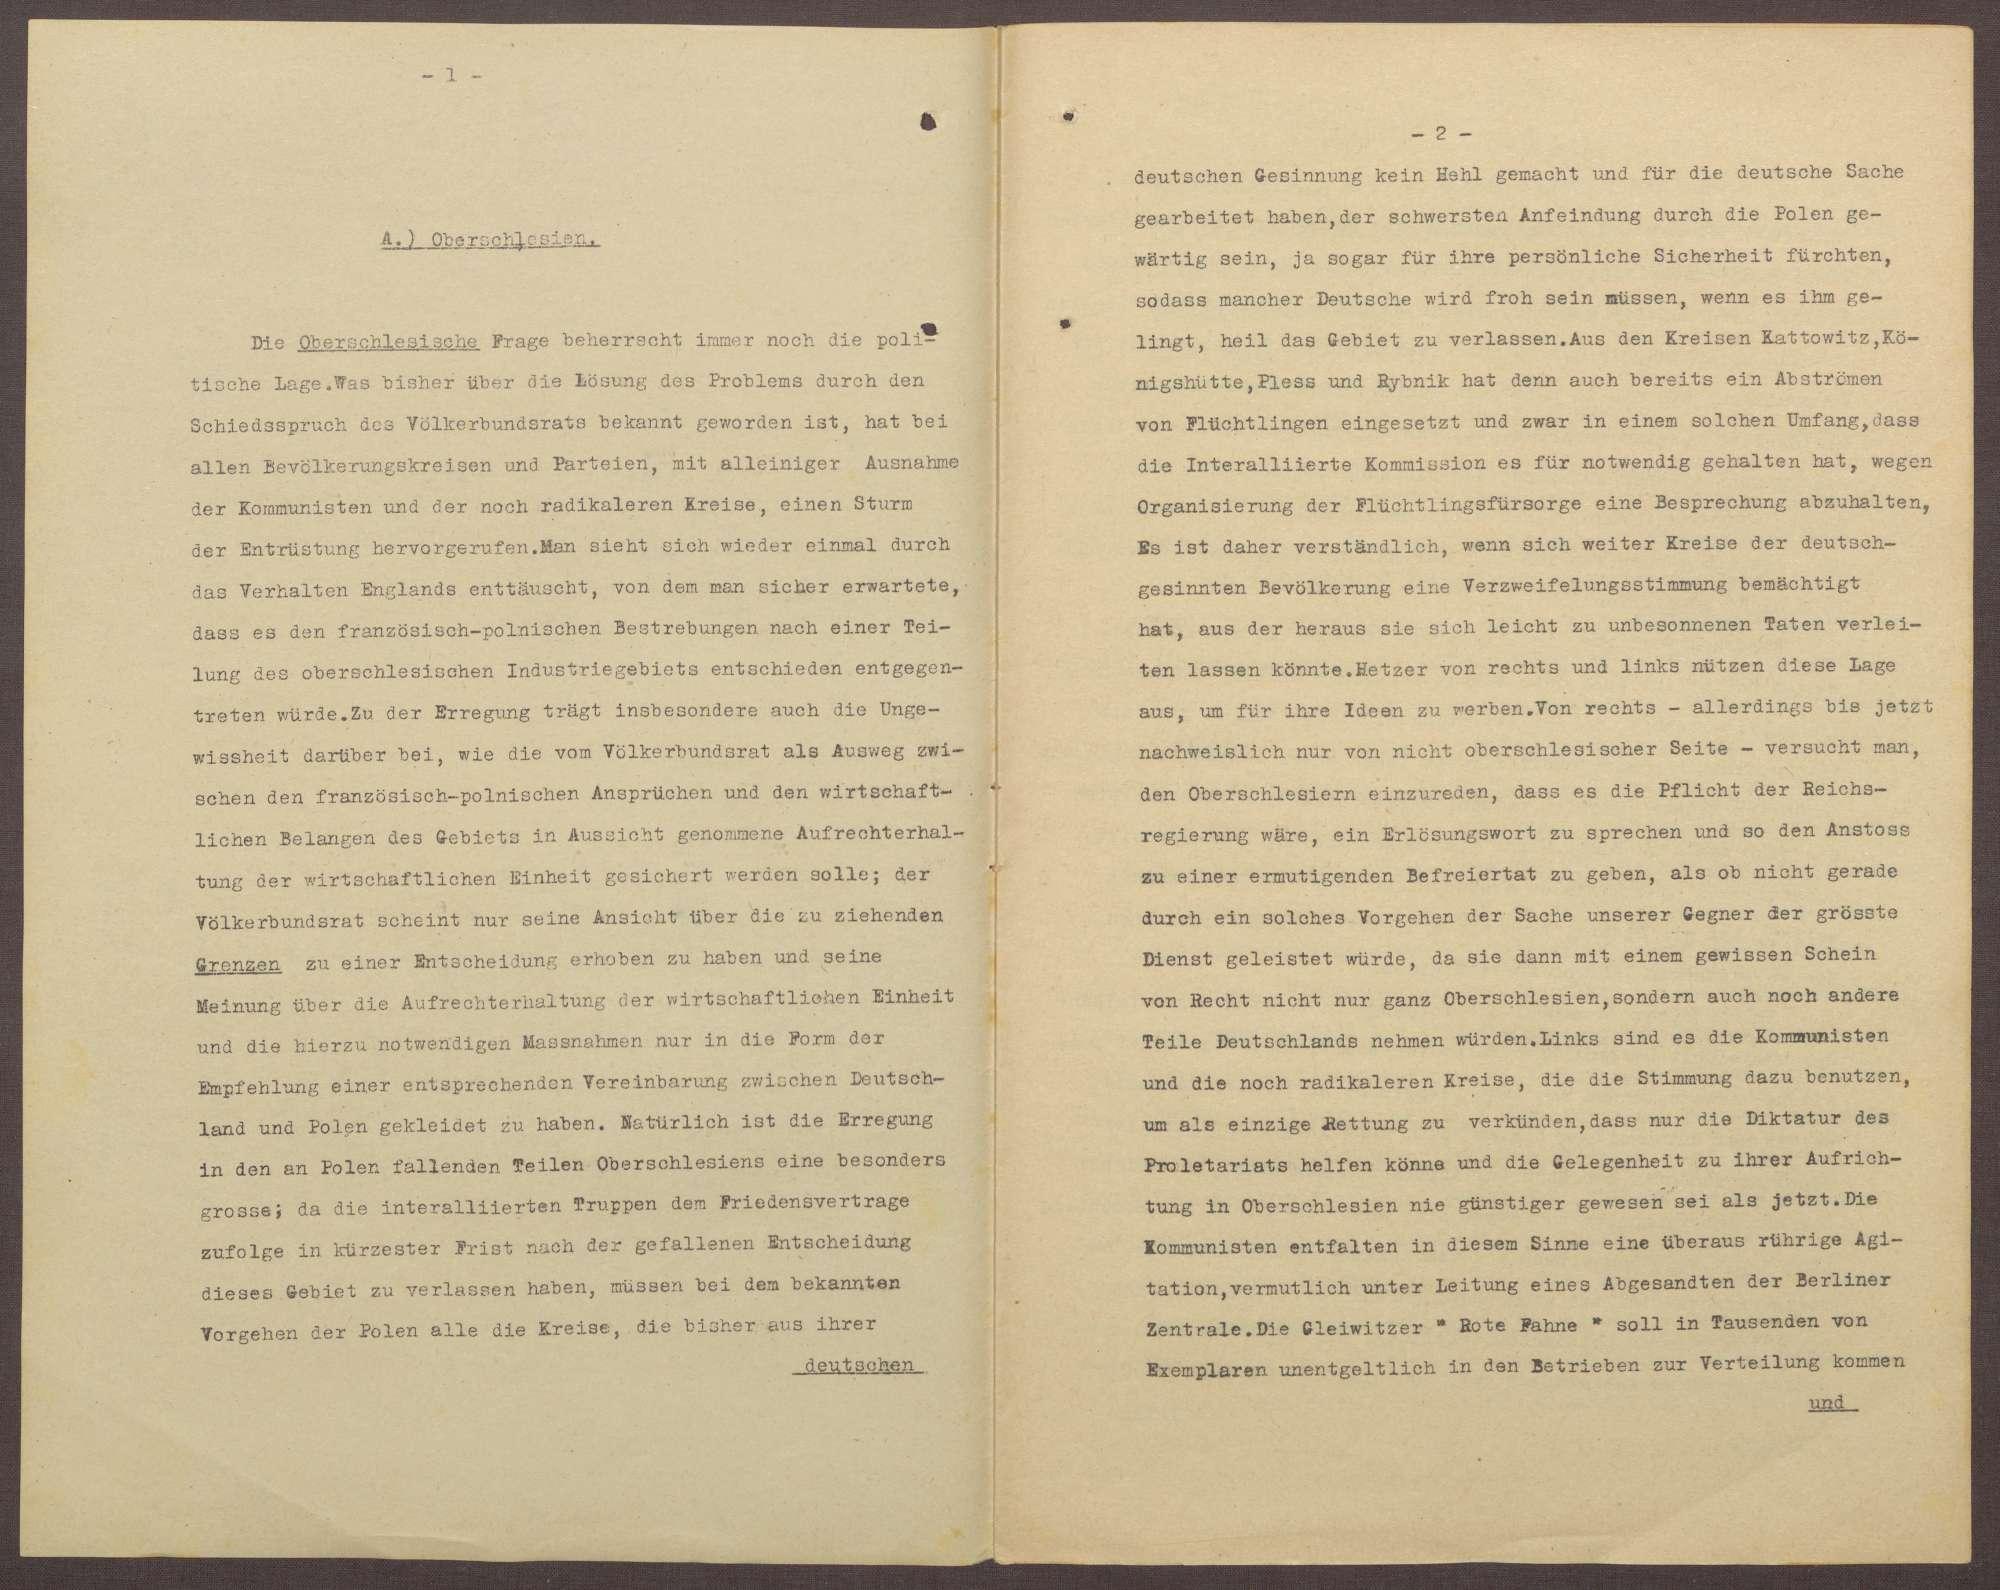 Lageberichte des Reichskommissars für Überwachung der öffentlichen Ordnung, Nr. 58a; zweimal vorhanden, Bild 2